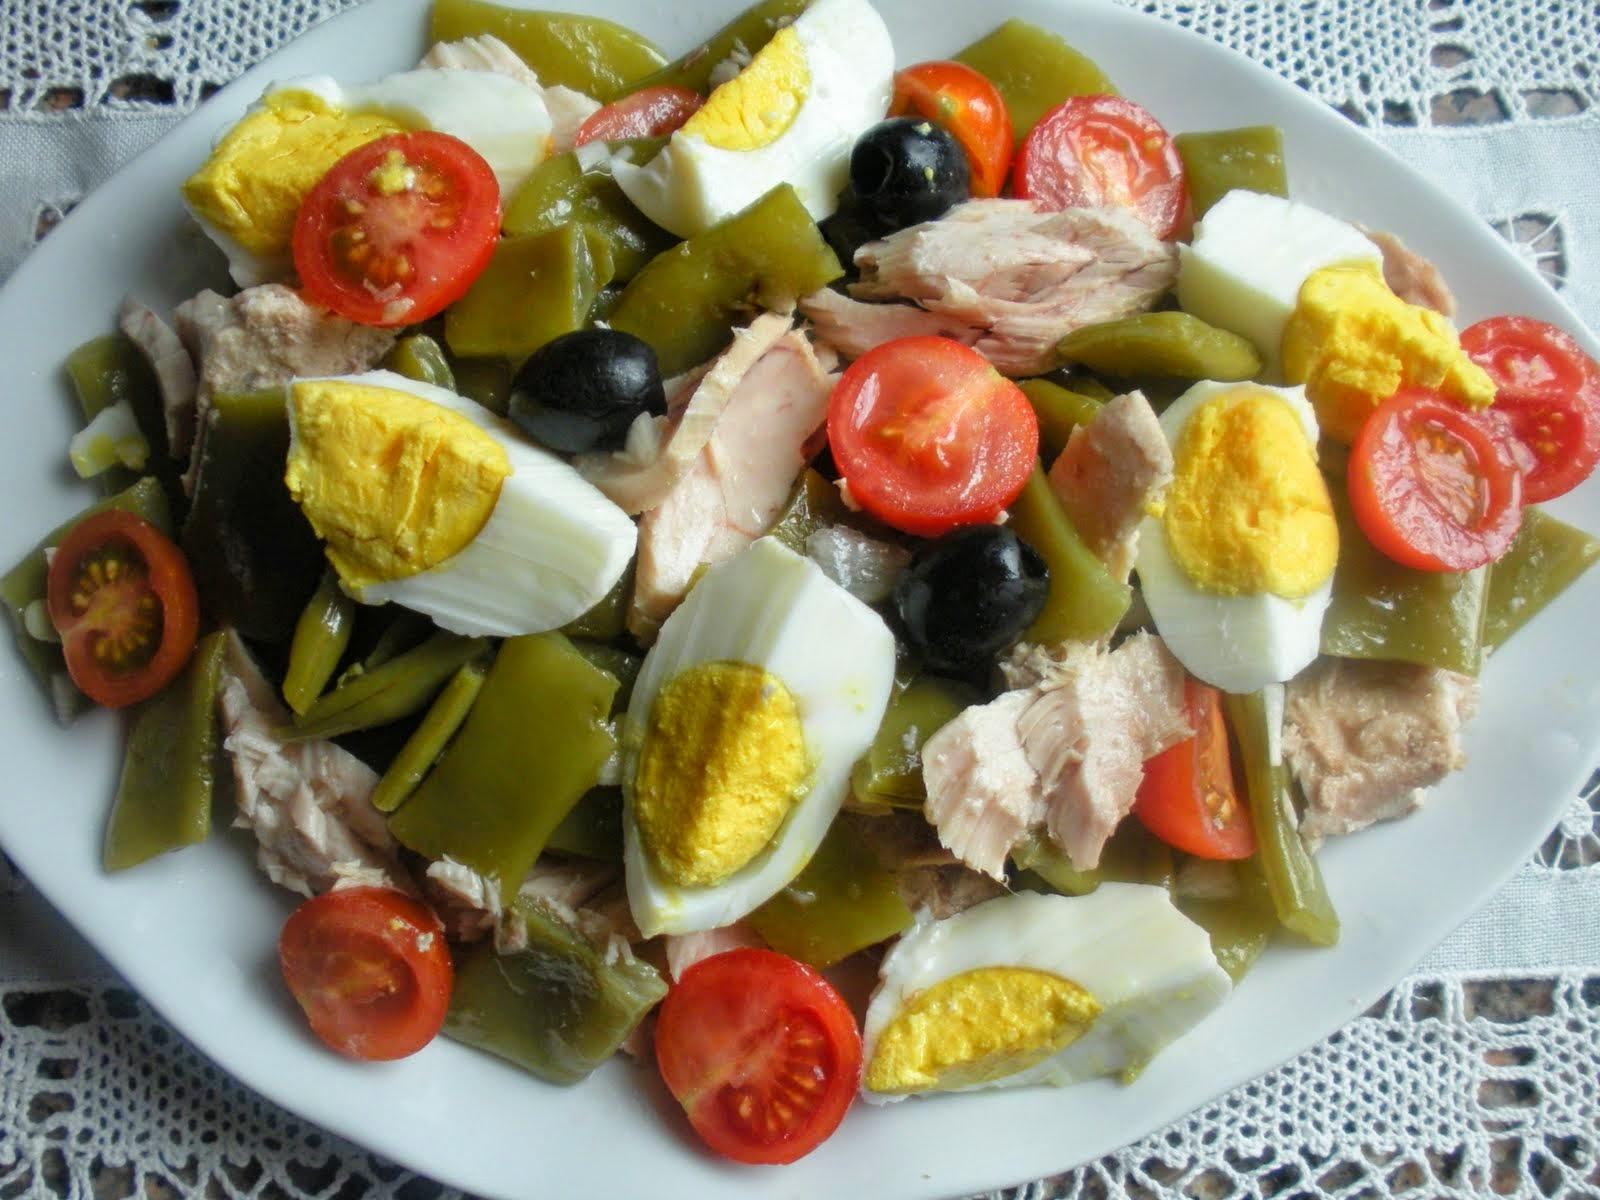 Dieta propoints calor as por d a de ensalada de jud as verdes - Calorias de las judias verdes ...